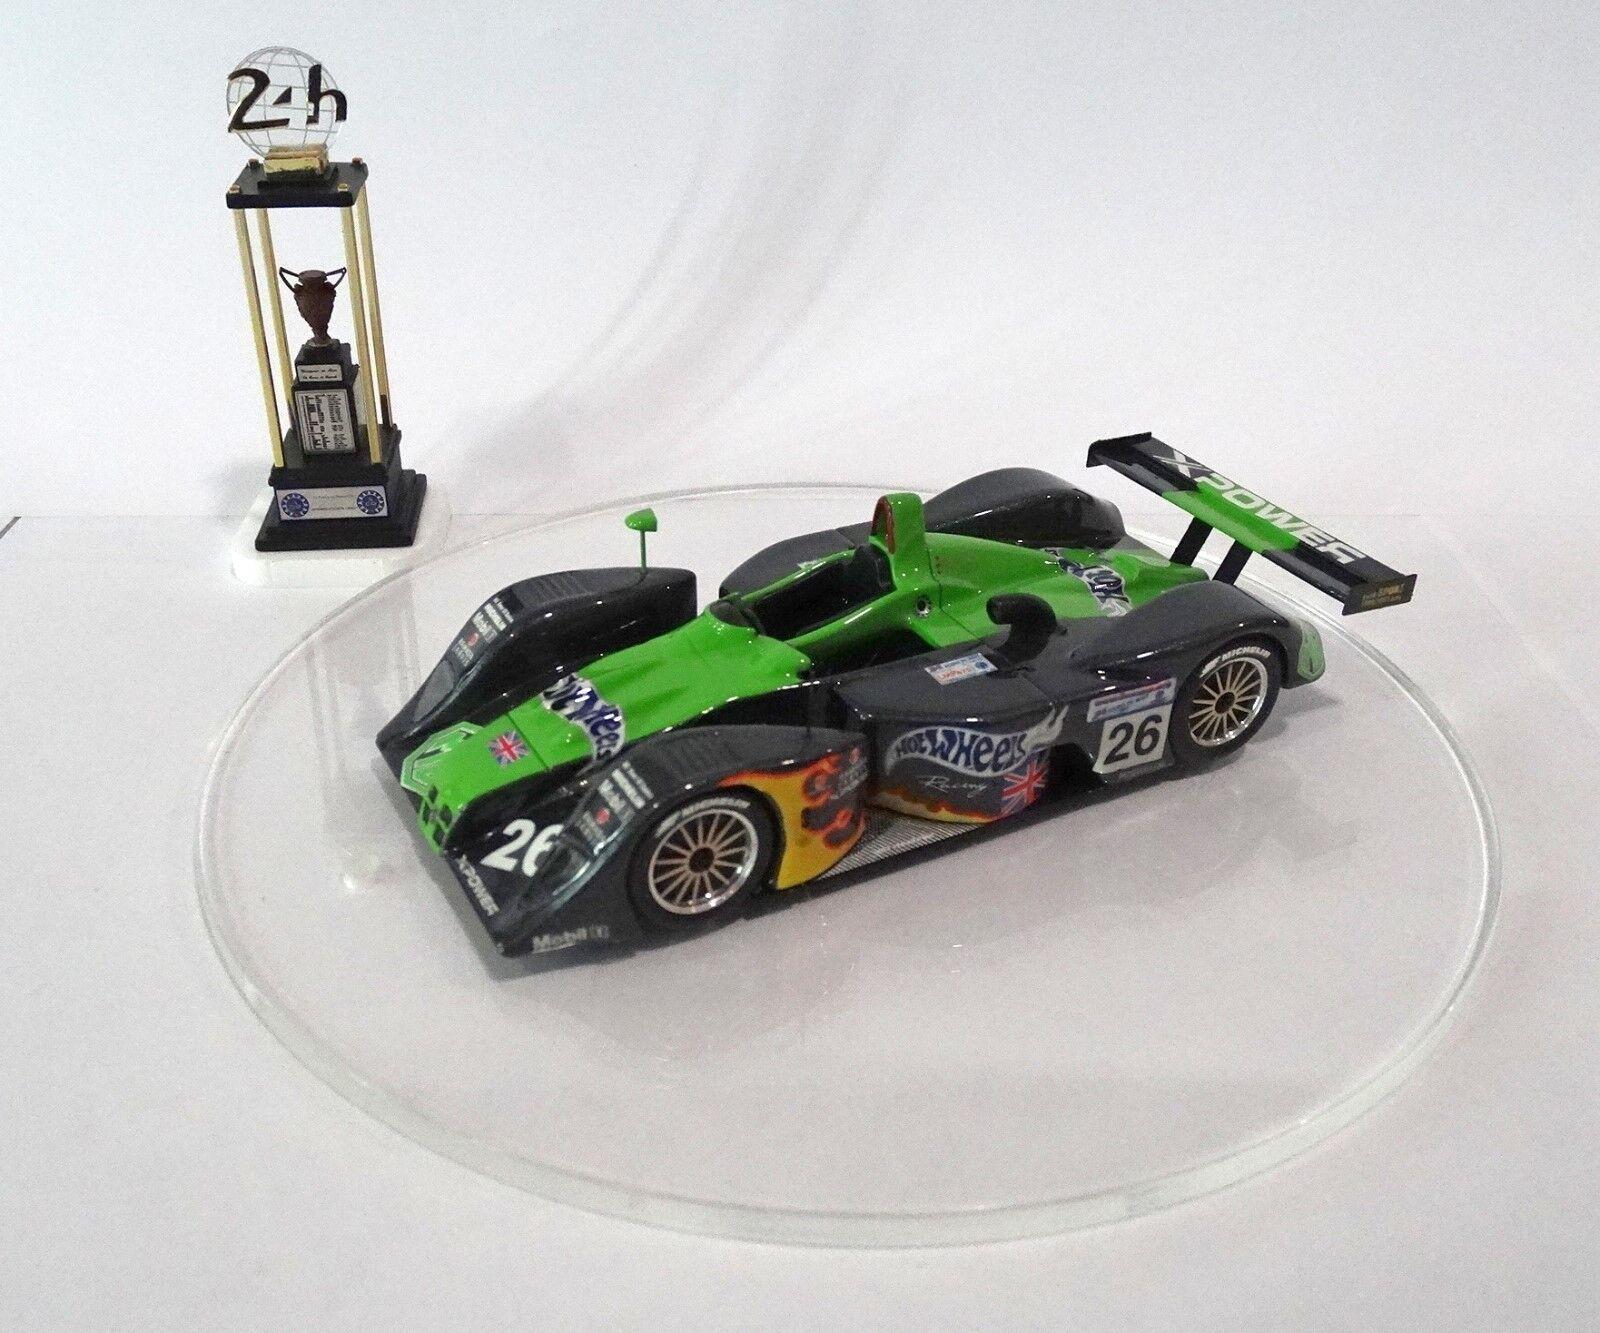 MG Lola EX275  26 Le Mans 2002 Built Monté Kit 1/43 no spark MINICHAMPS